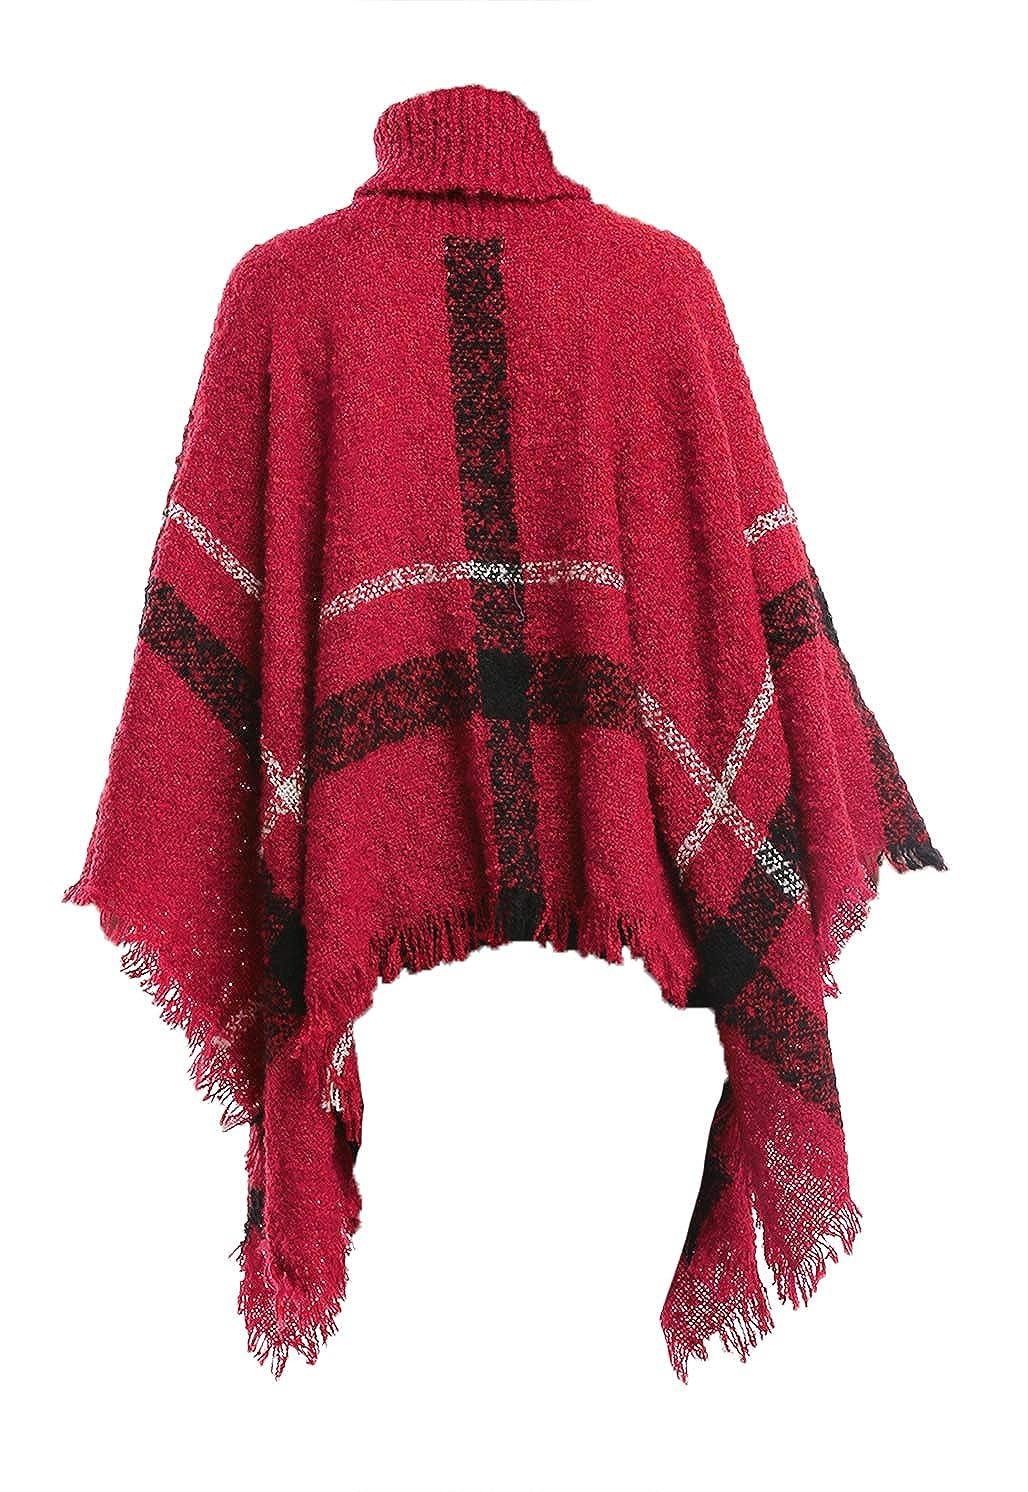 Bellady Women's High Collar Batwing Tassels Poncho Cape Winter Knit Sweater Cloak Beige ZXG00002065